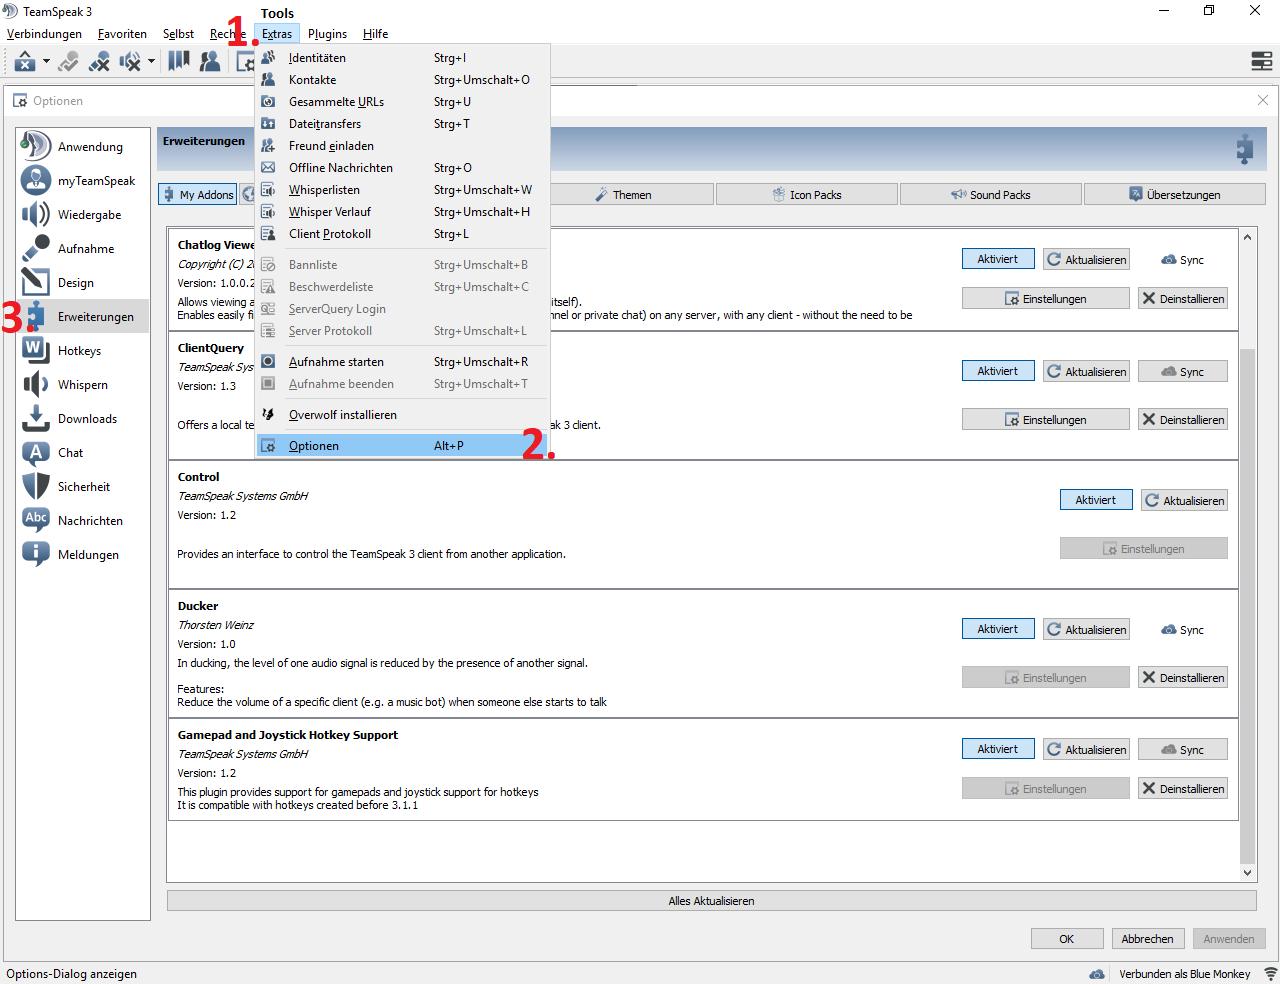 Teamspeak 3 - Recommended Plugins - 1.png